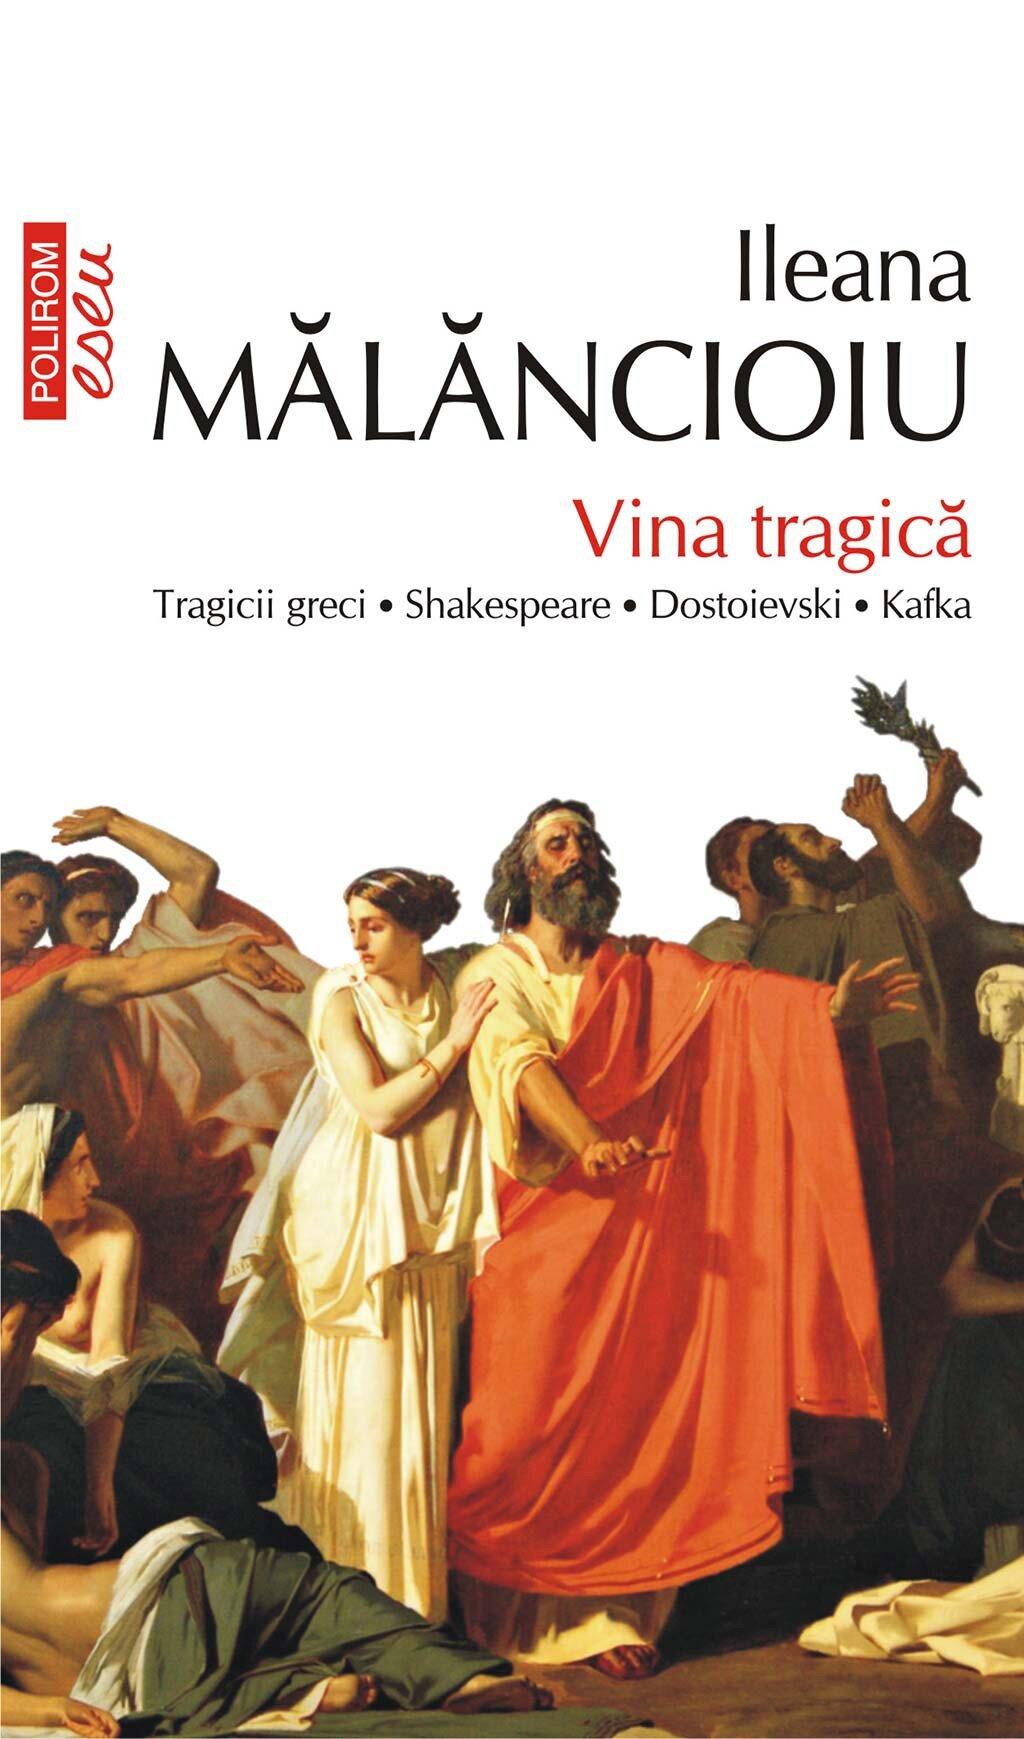 Coperta Carte Vina tragica. Tragicii greci, Shakespeare, Dostoievski, Kafka